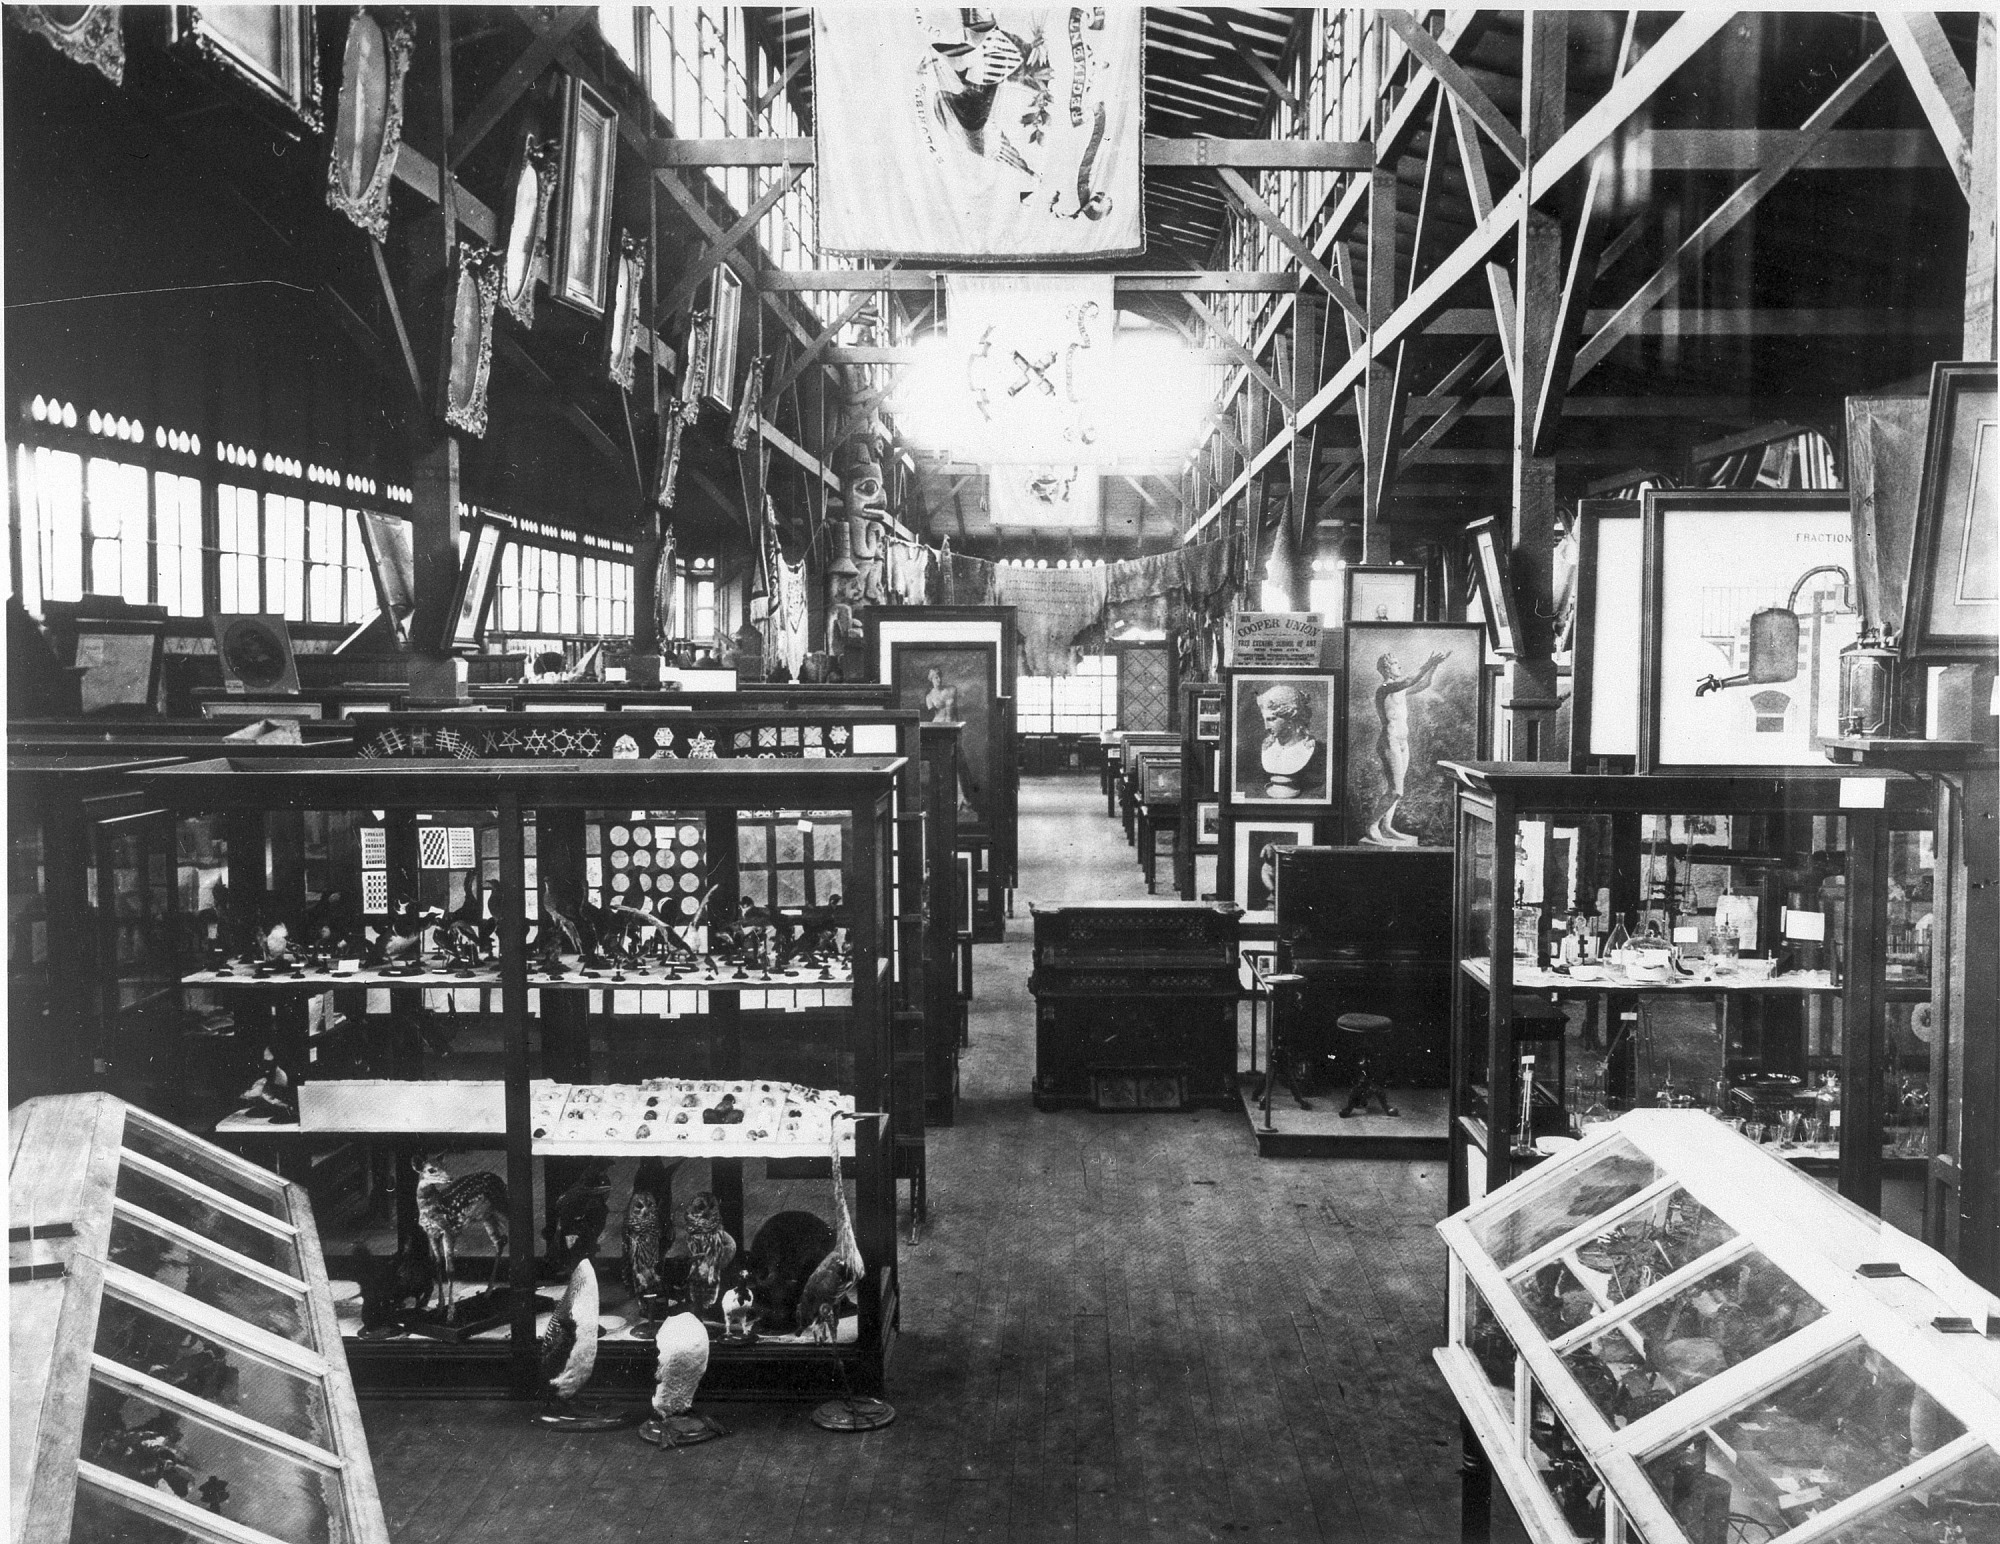 Nov 13 Centennial Exposition collection